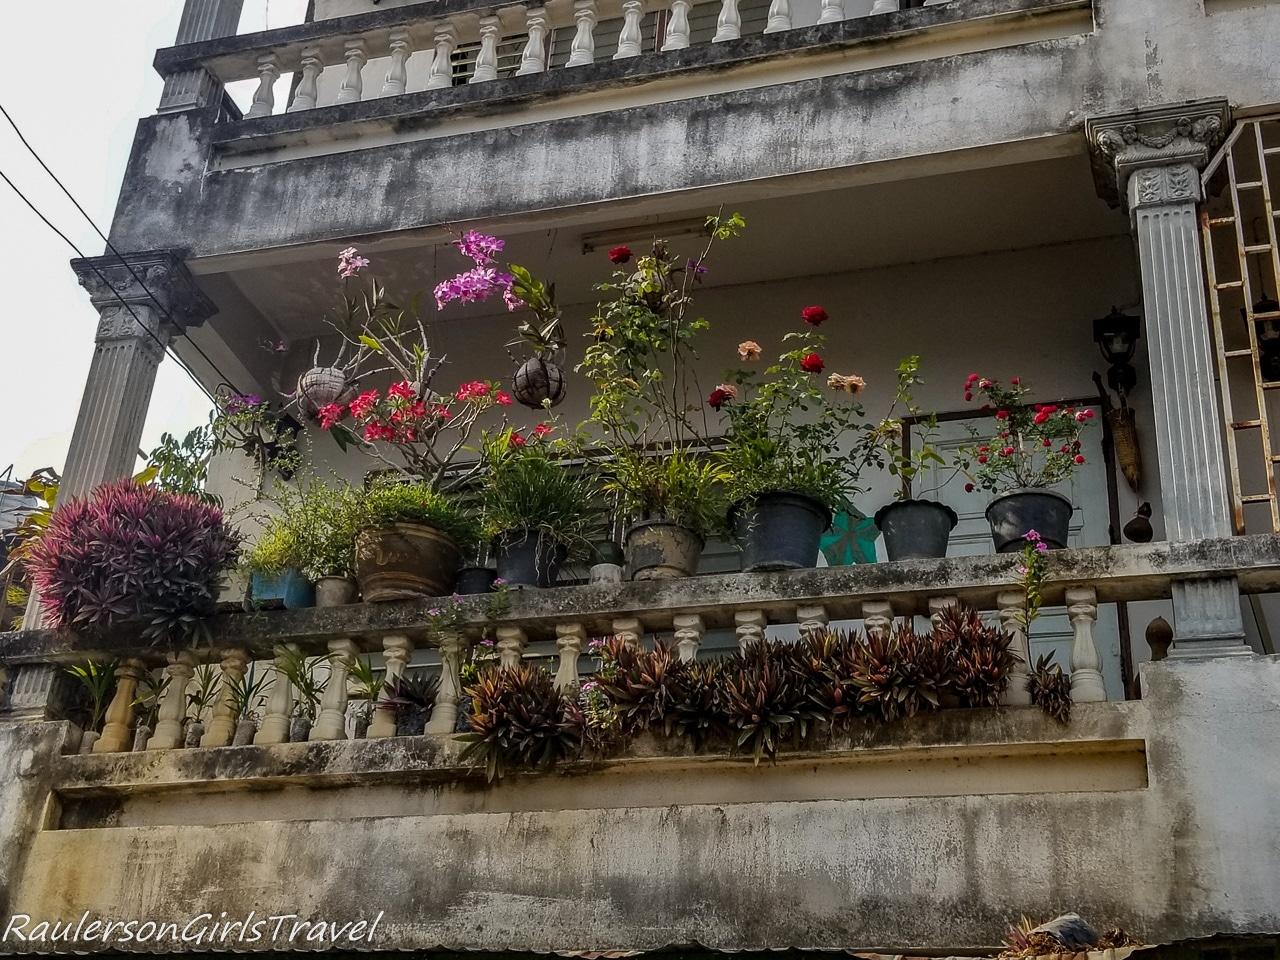 Flower Garden on Balcony